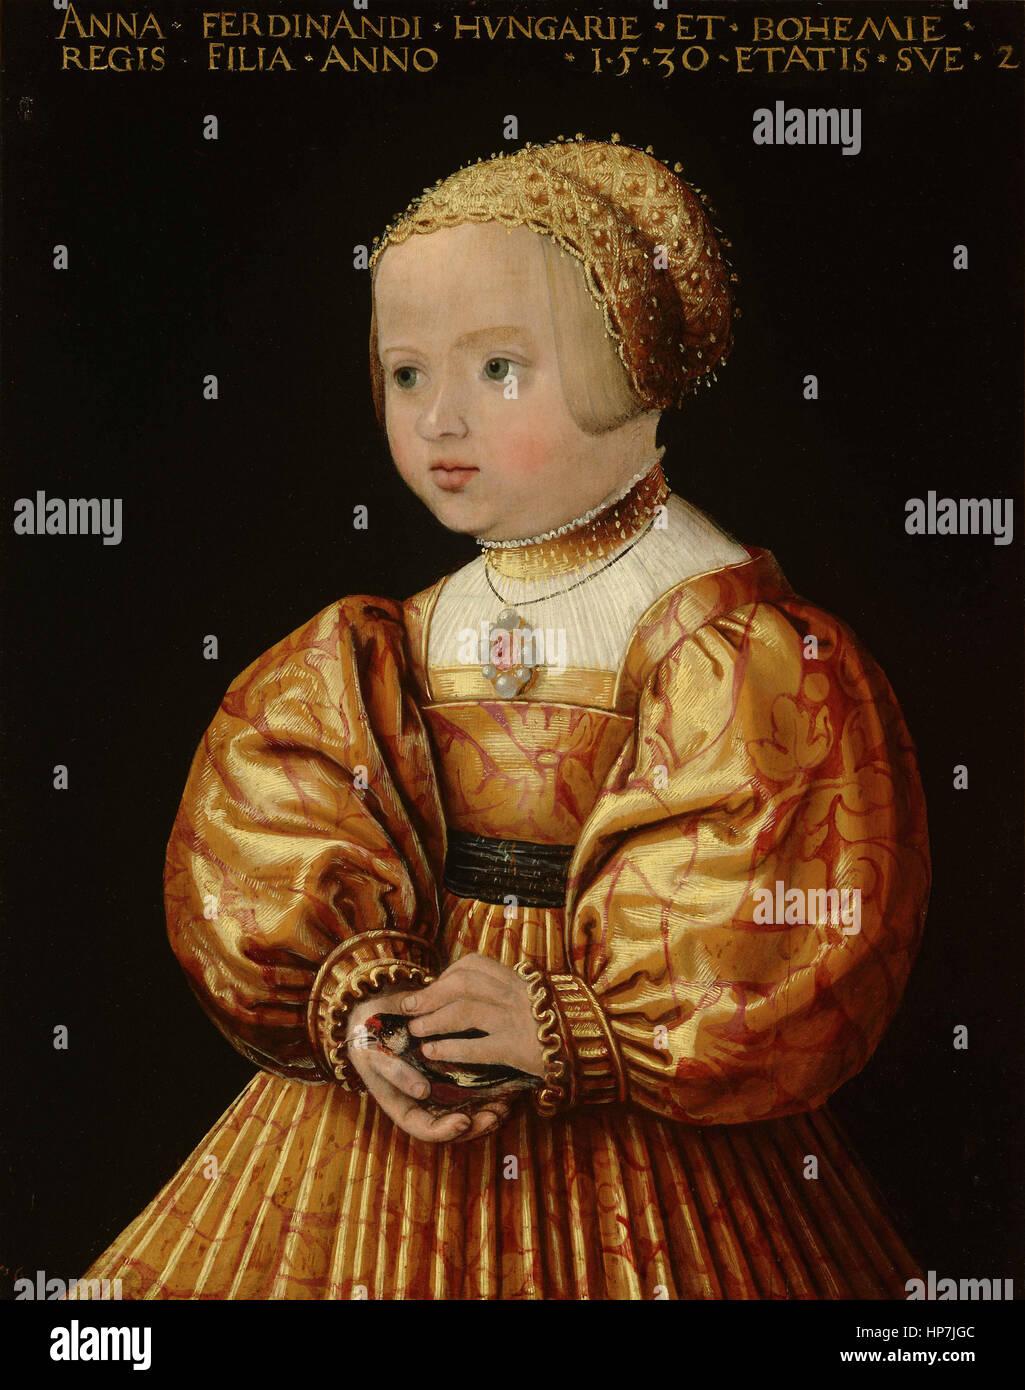 Jakob Seisenegger Porträt von Anna von Österreich (1528-1590) - Museum Mauritshuis den Haag Stockbild